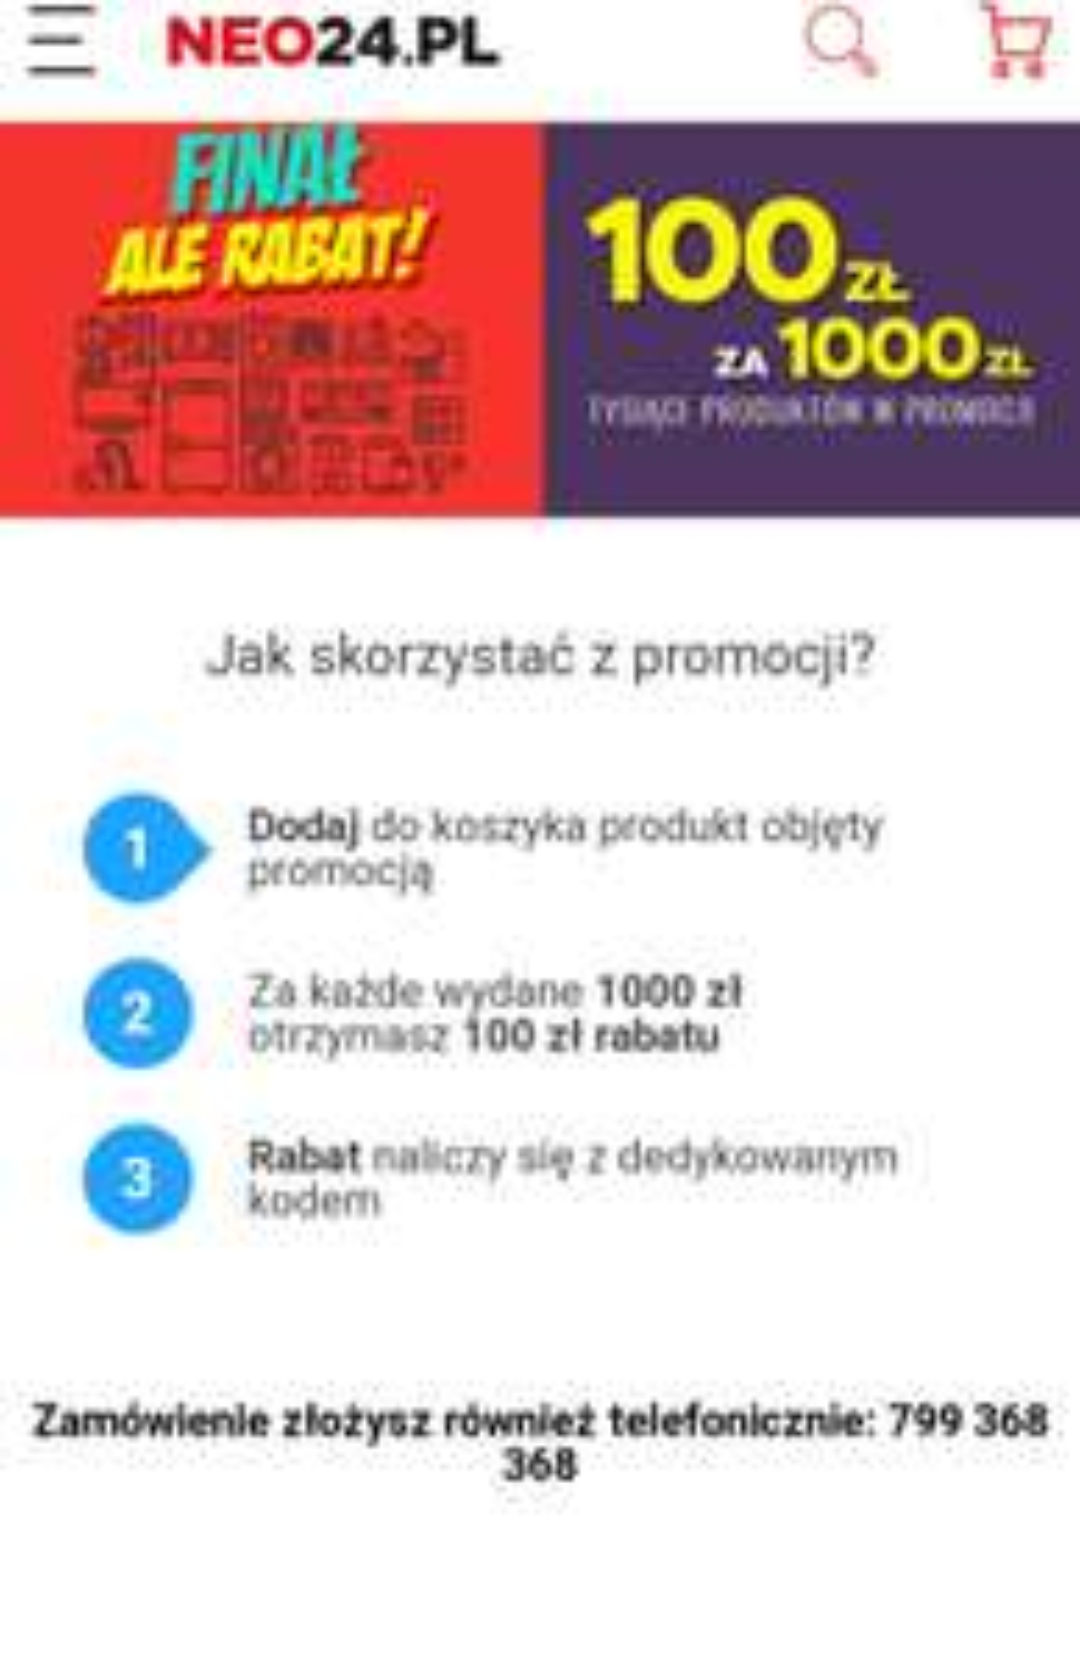 100 zł za wydane 1000 zł w neo24.pl